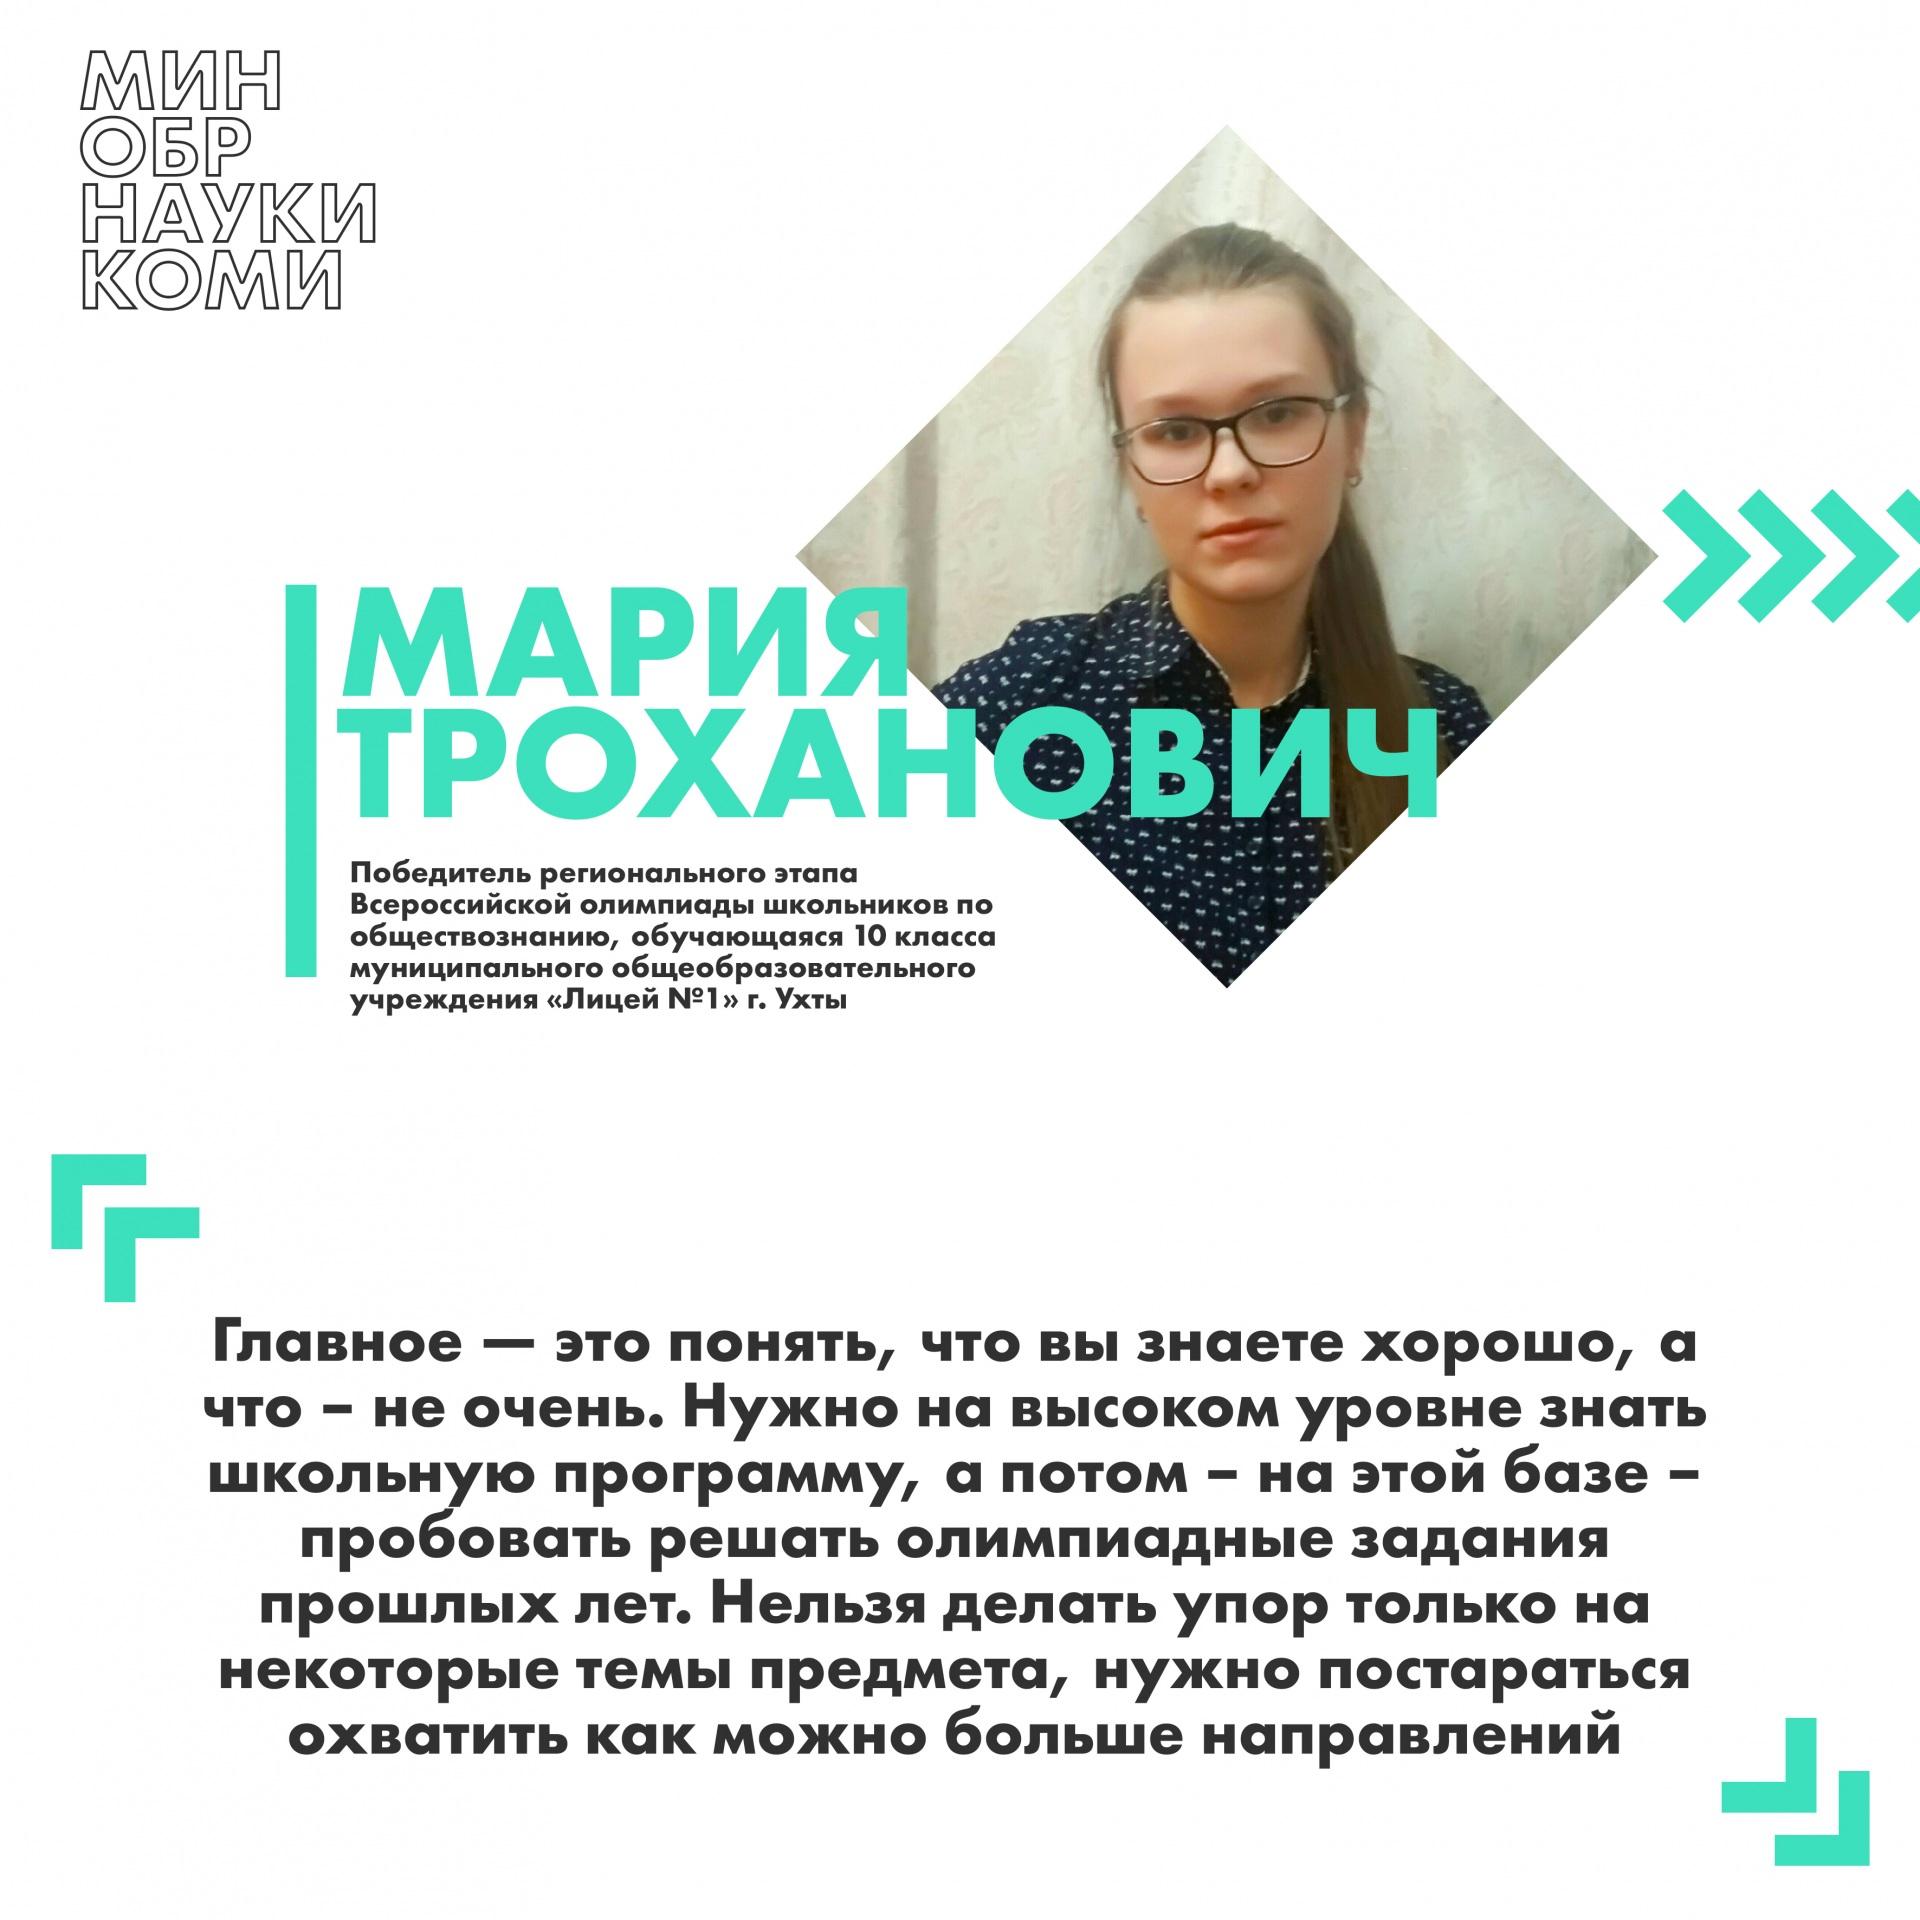 shkil_trokhanovich.jpg